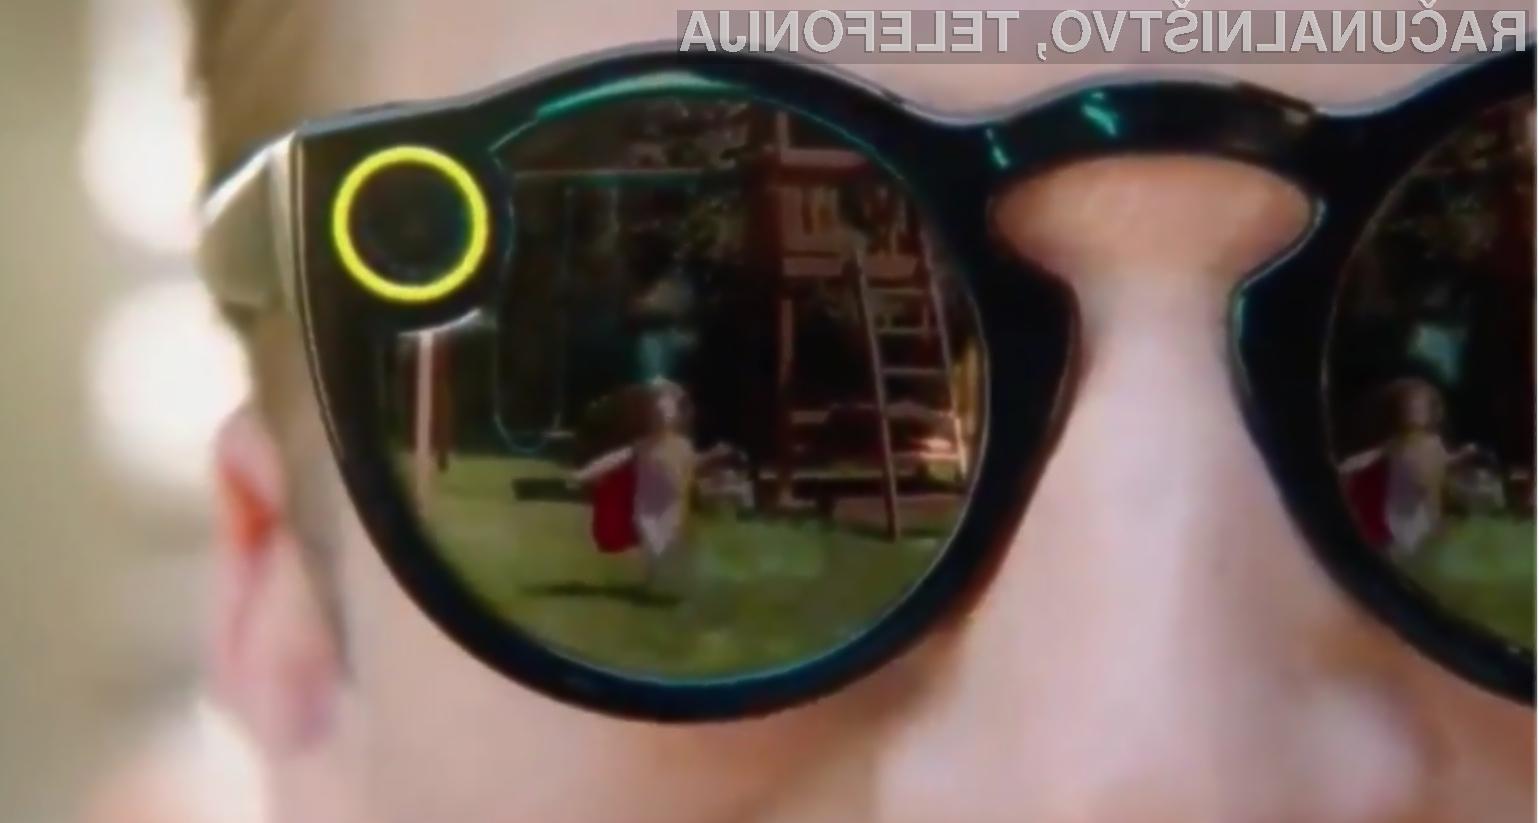 Očala Snapchat Spectacles bodo poenostavila objavo večpredstavnostnih vsebin na spletno storitev Snapchat.